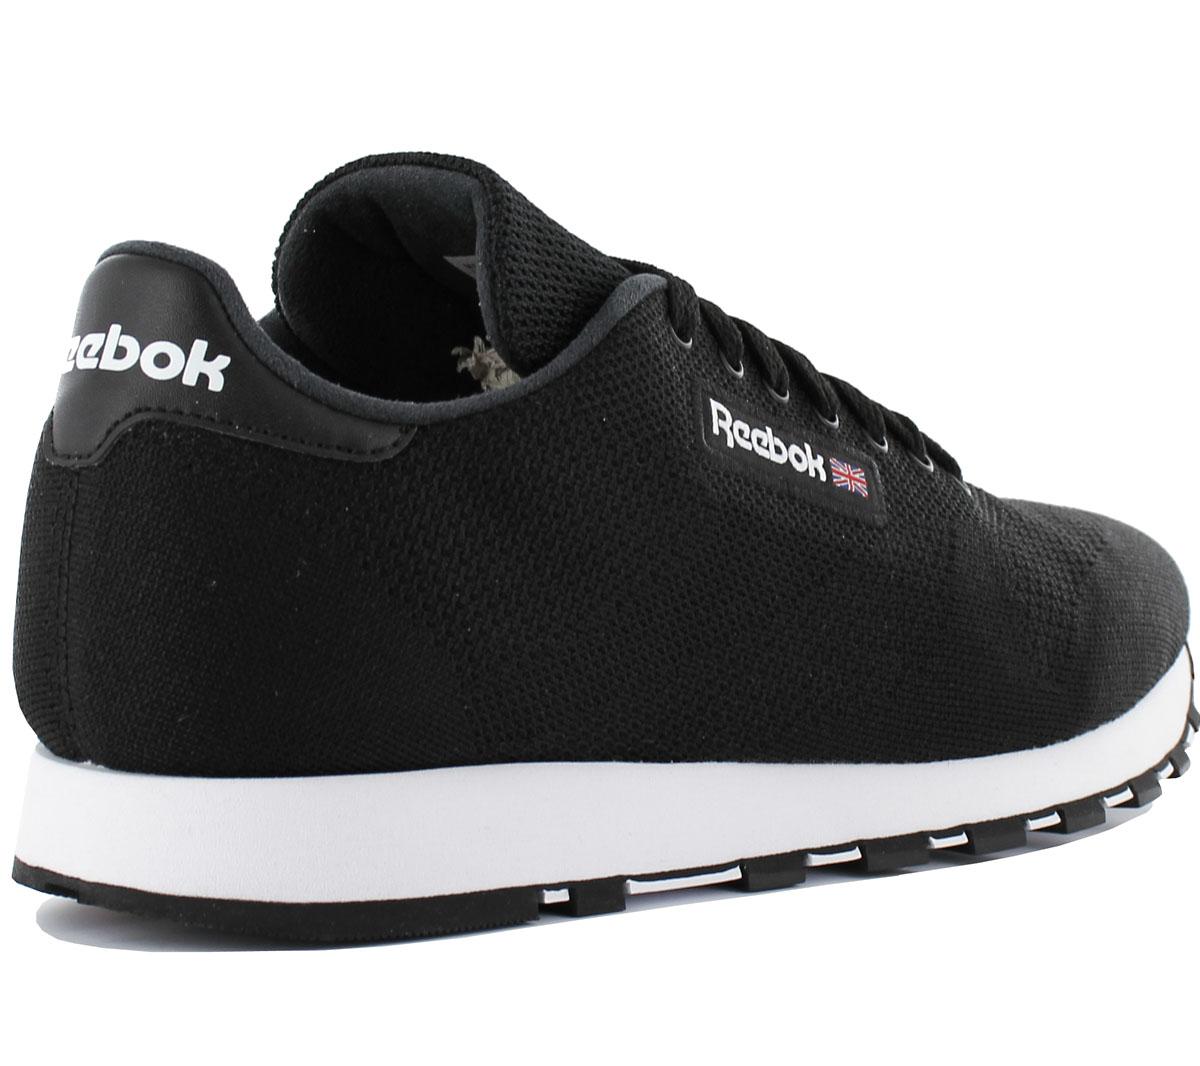 0bf83cfbbe0 Reebok Classic Leather Ultk Ultraknit Men s Sneakers Shoes Rbk Cl ...